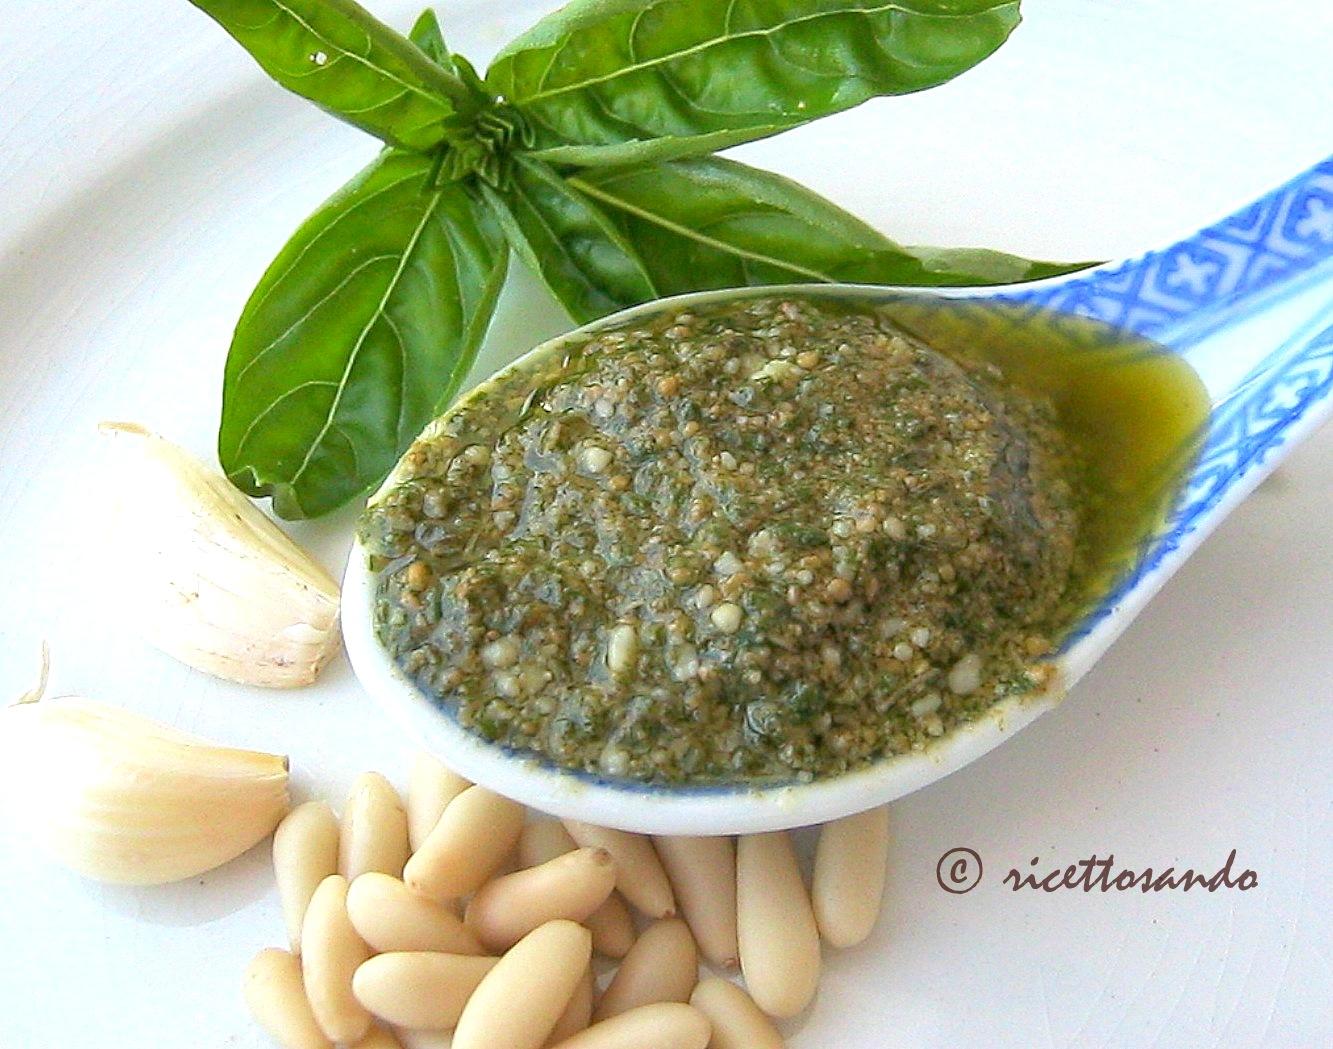 Pesto genovese ricetta tradizionale di salsa a base di basilico e pinoli